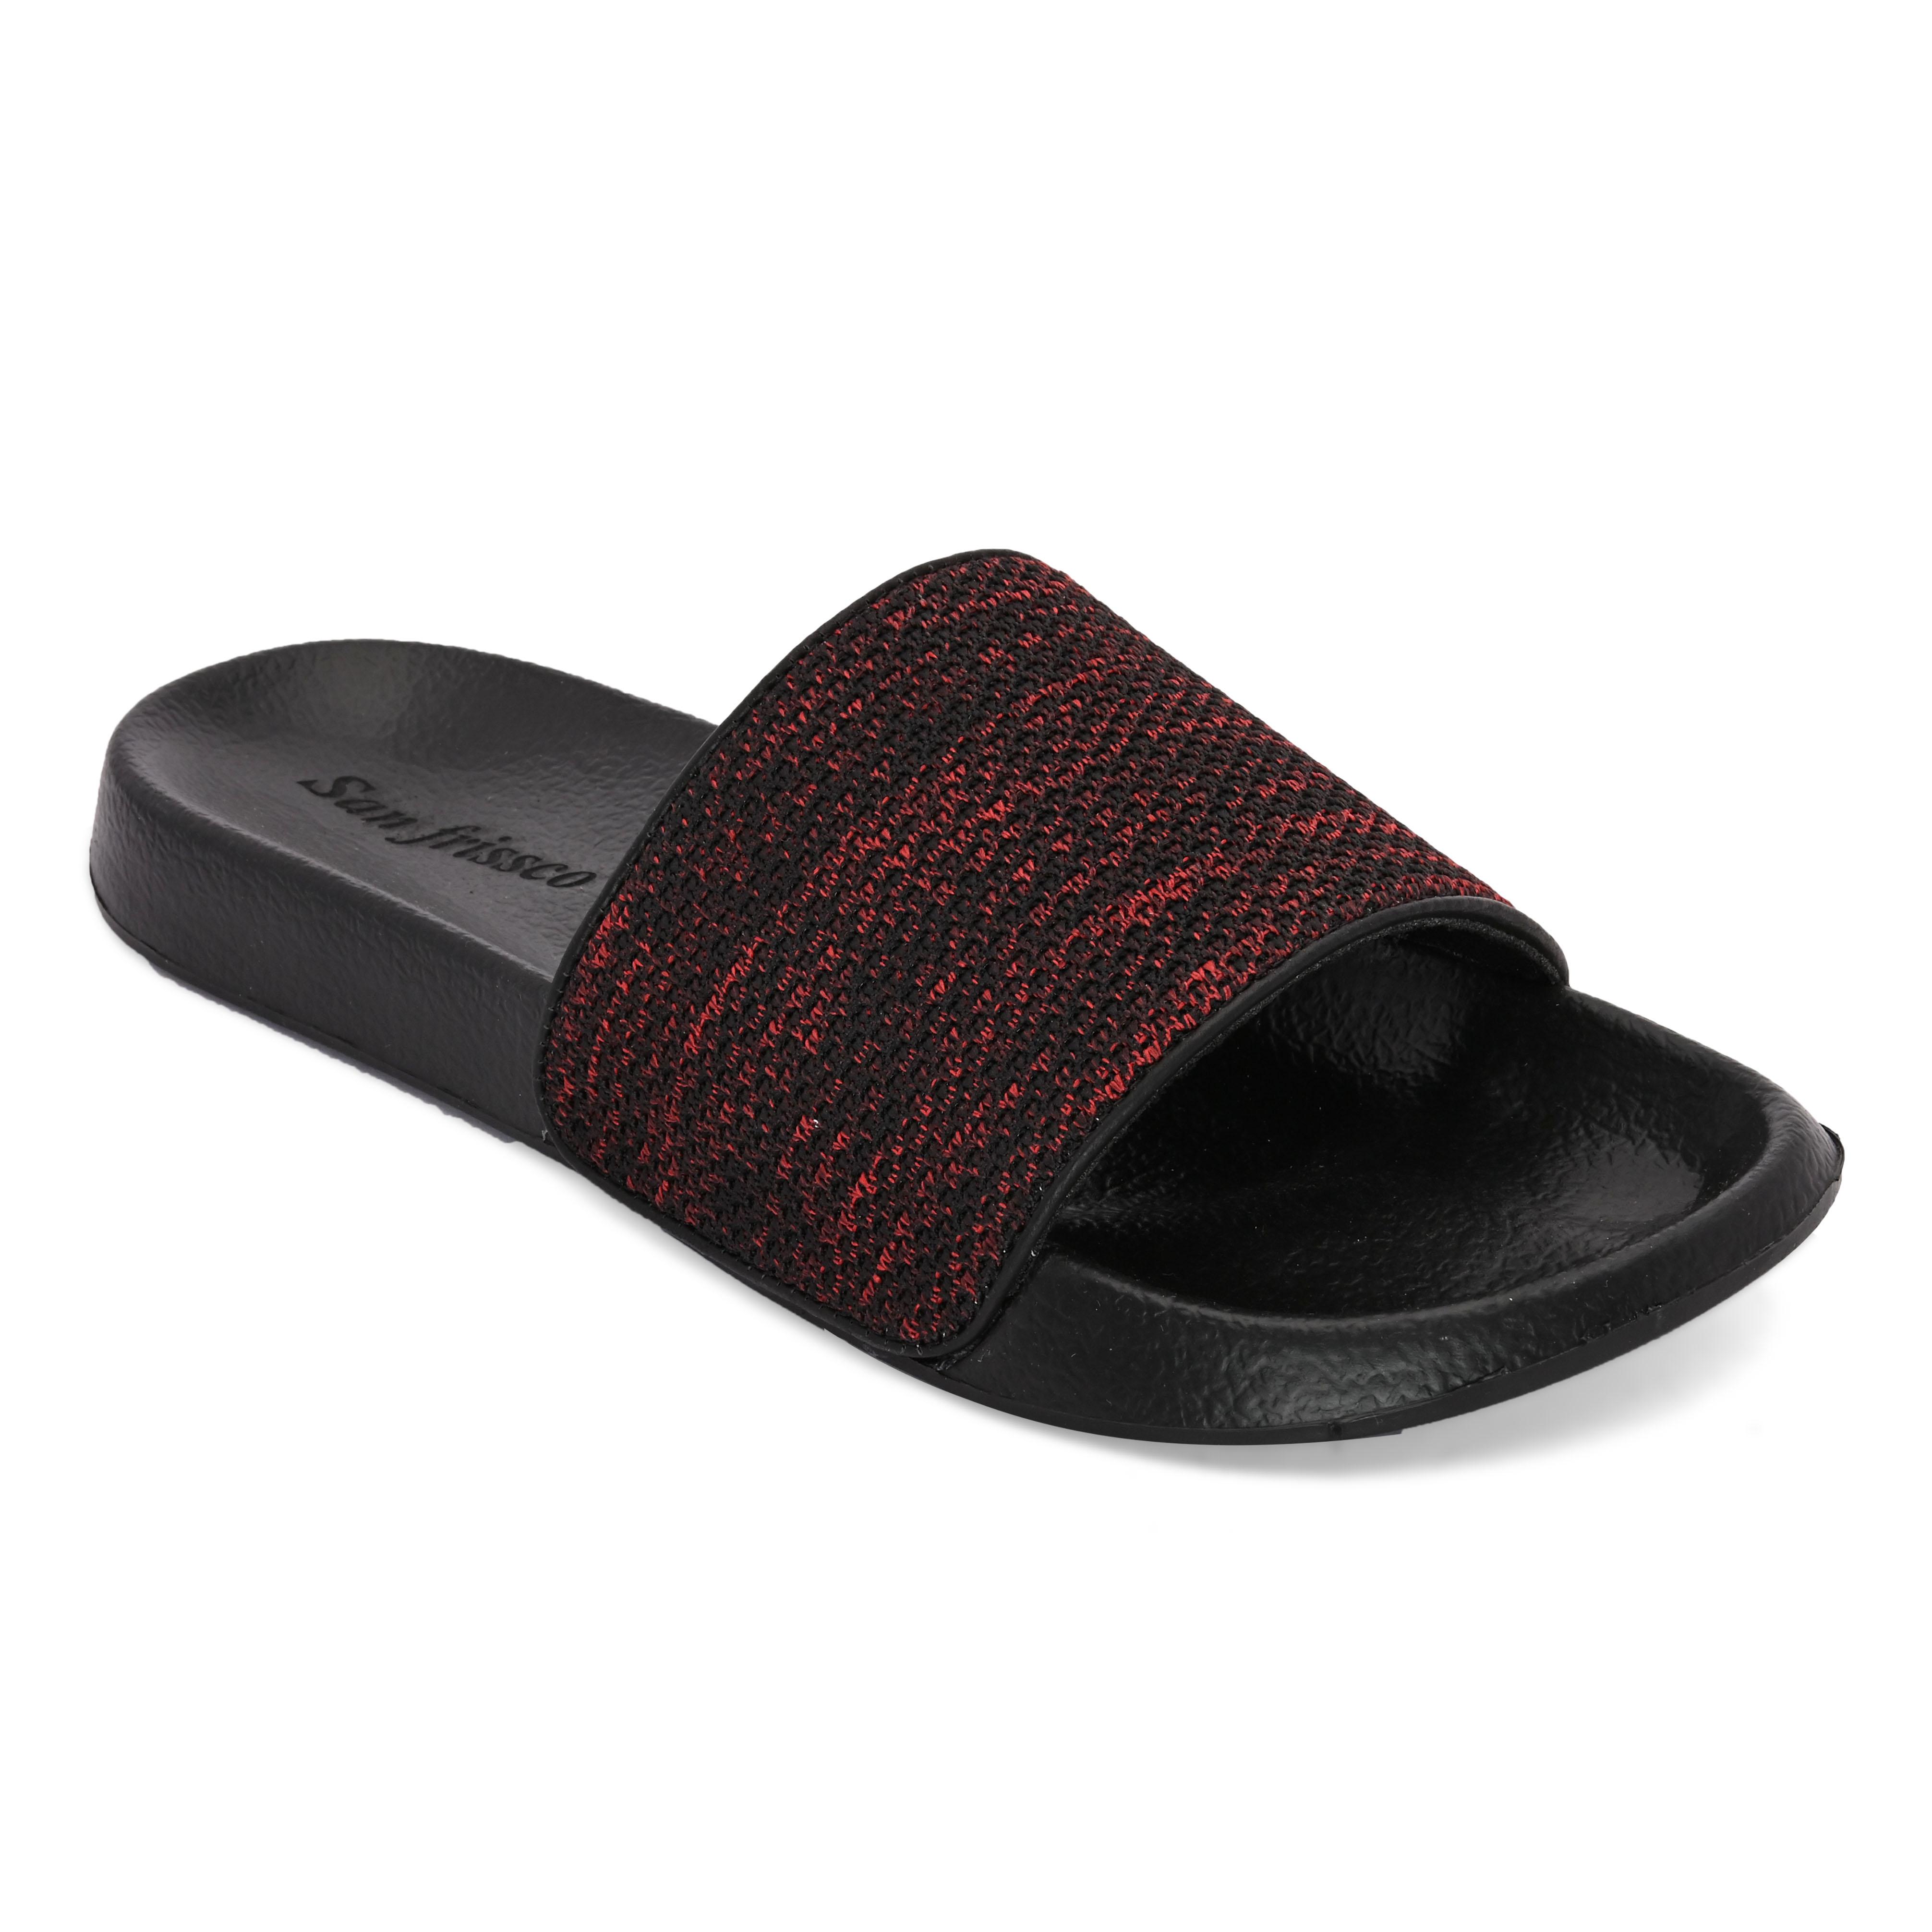 San Frissco | San Frissco Men Faux Leather Eclipse Red Comfort Sliders